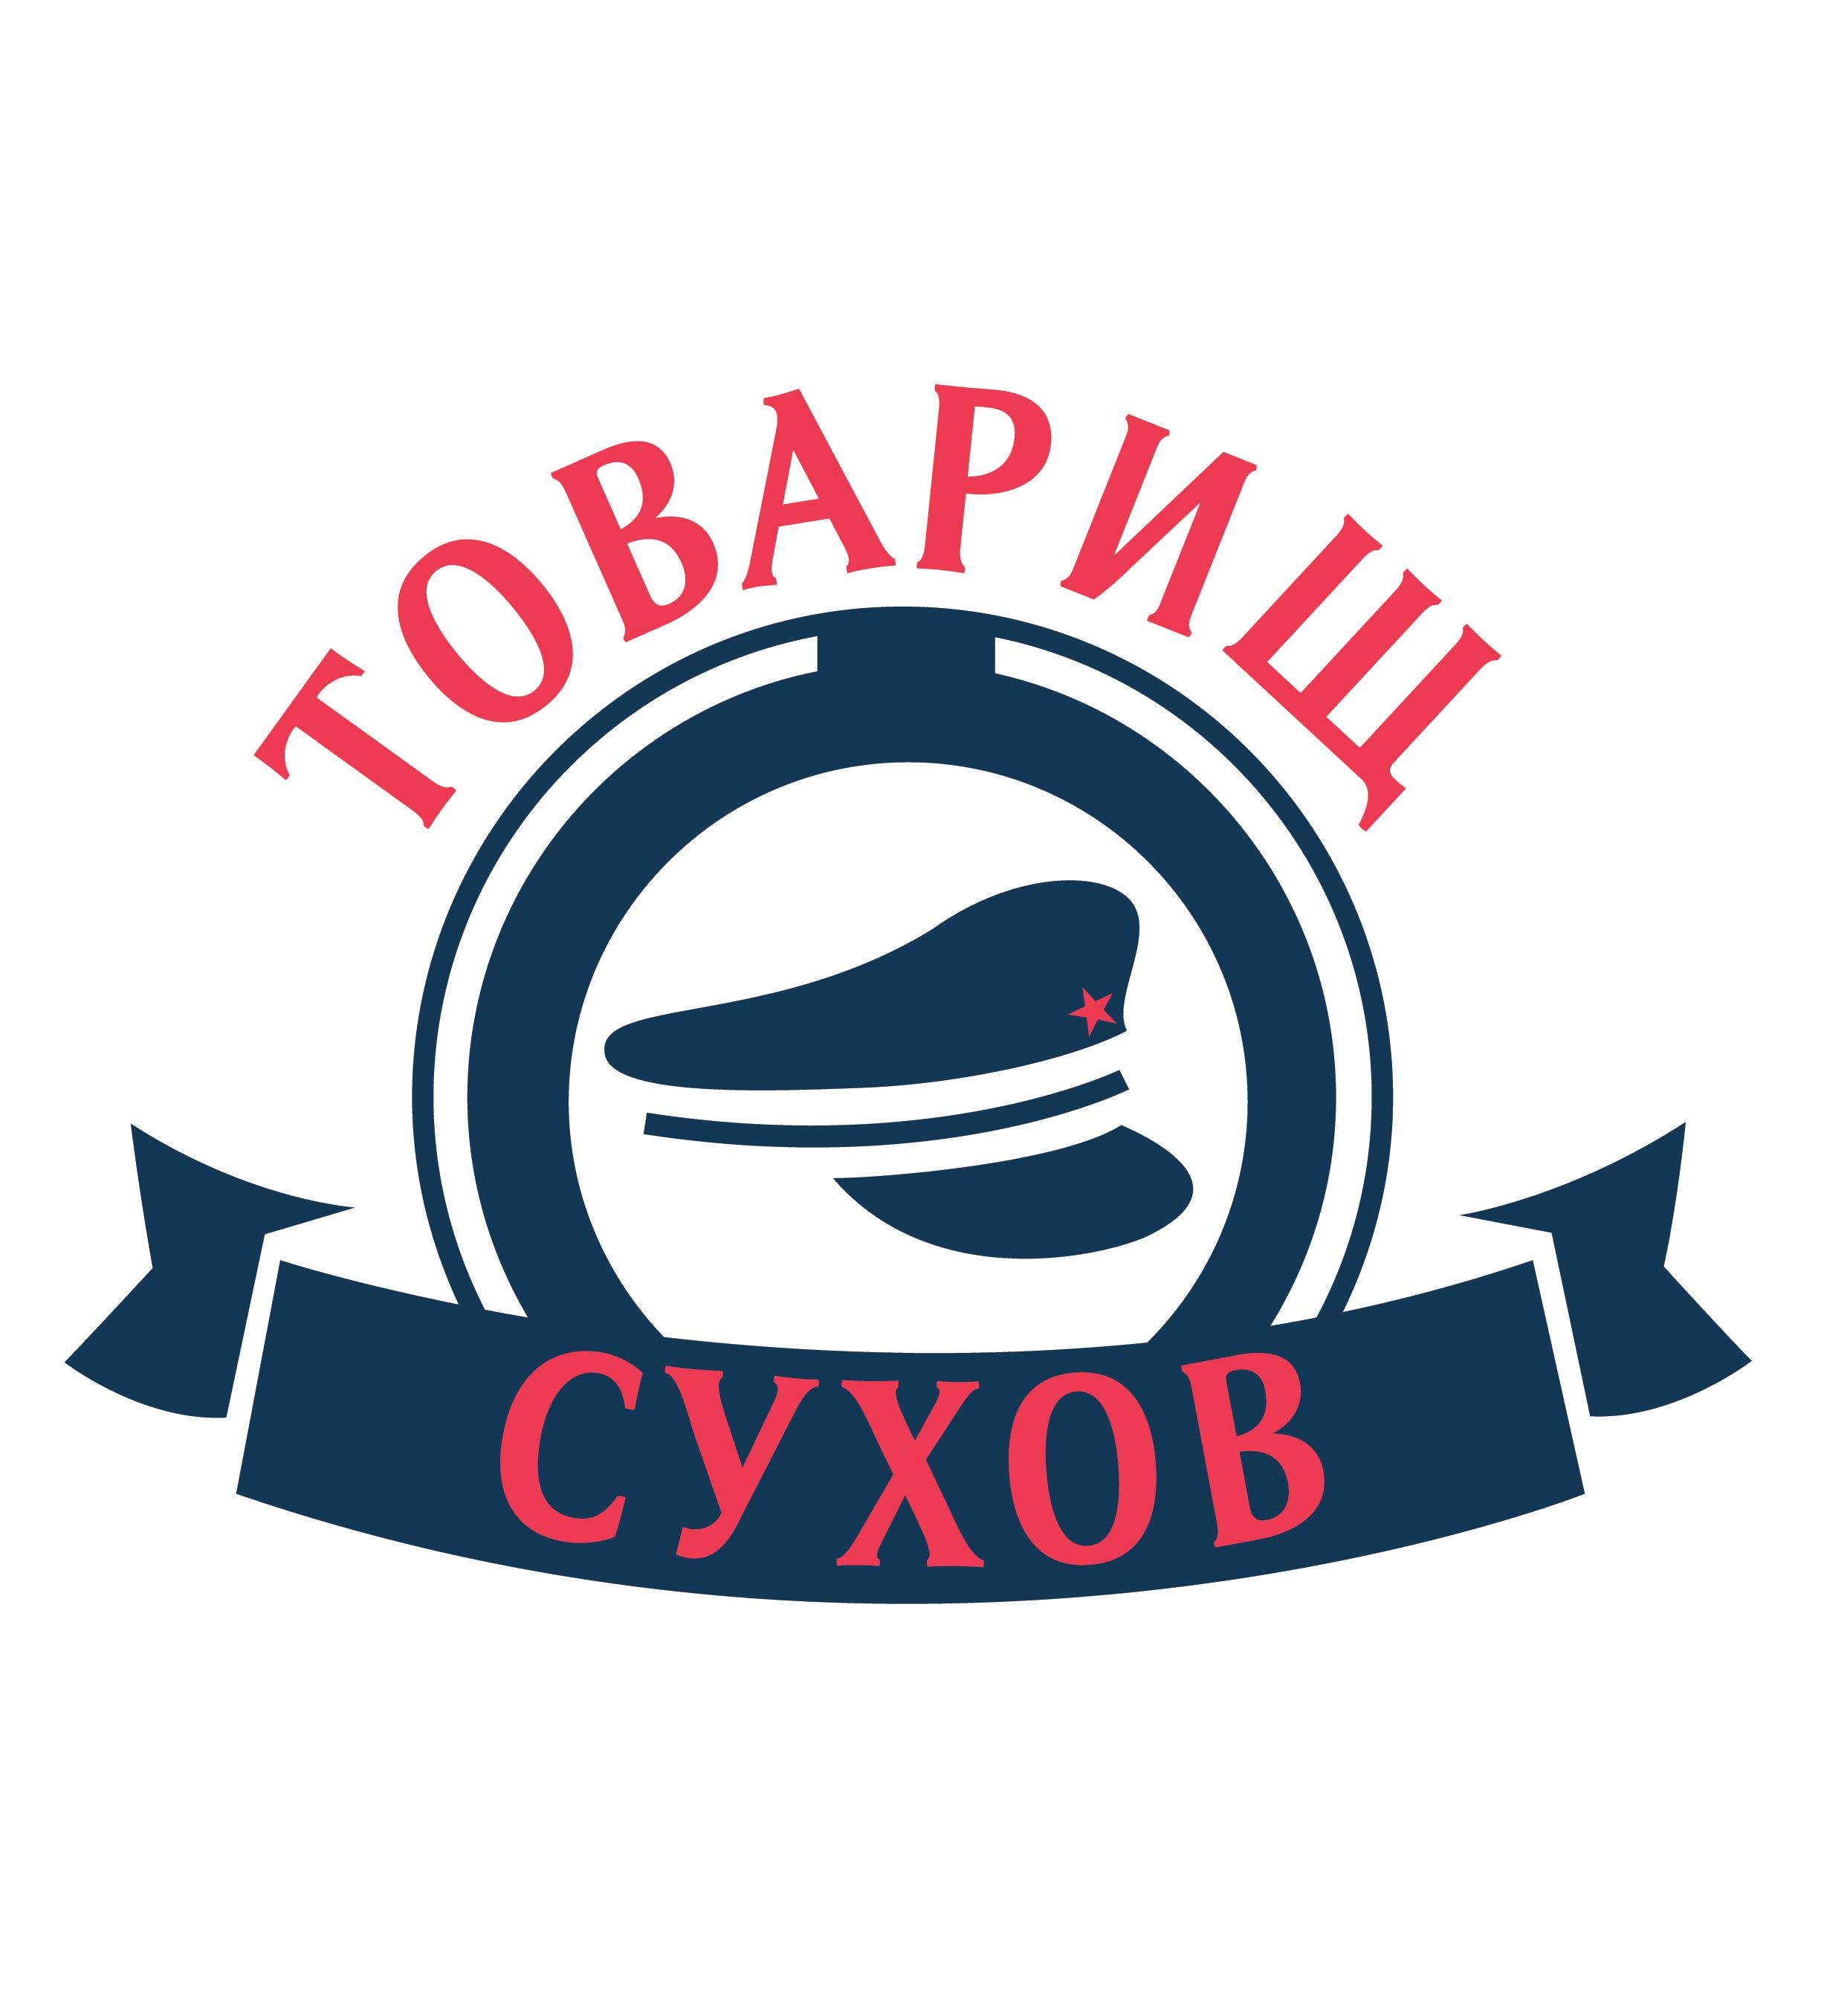 """Разработка логотипа для сухой мойки """"Товарищ Сухов"""" фото f_1155401b429bc94d.png"""